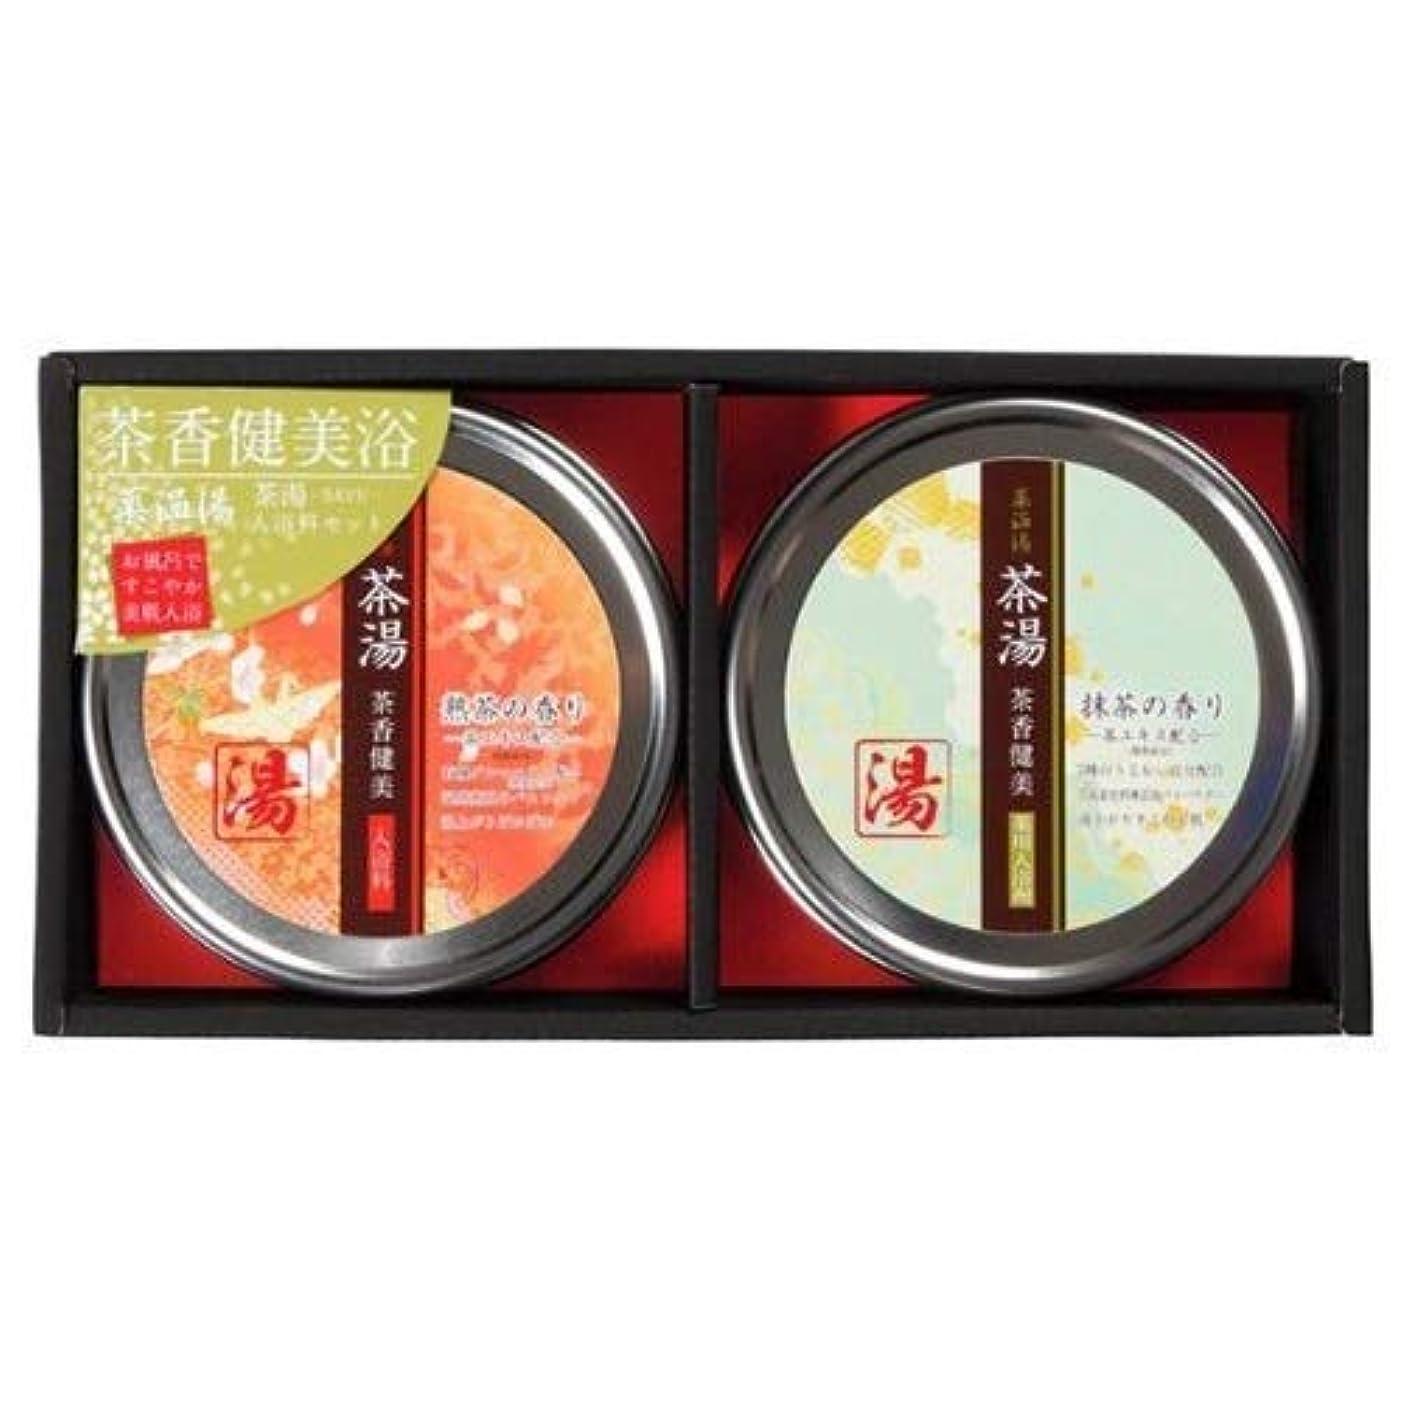 無線伝統的豚薬温湯 茶湯ギフトセット POF-20